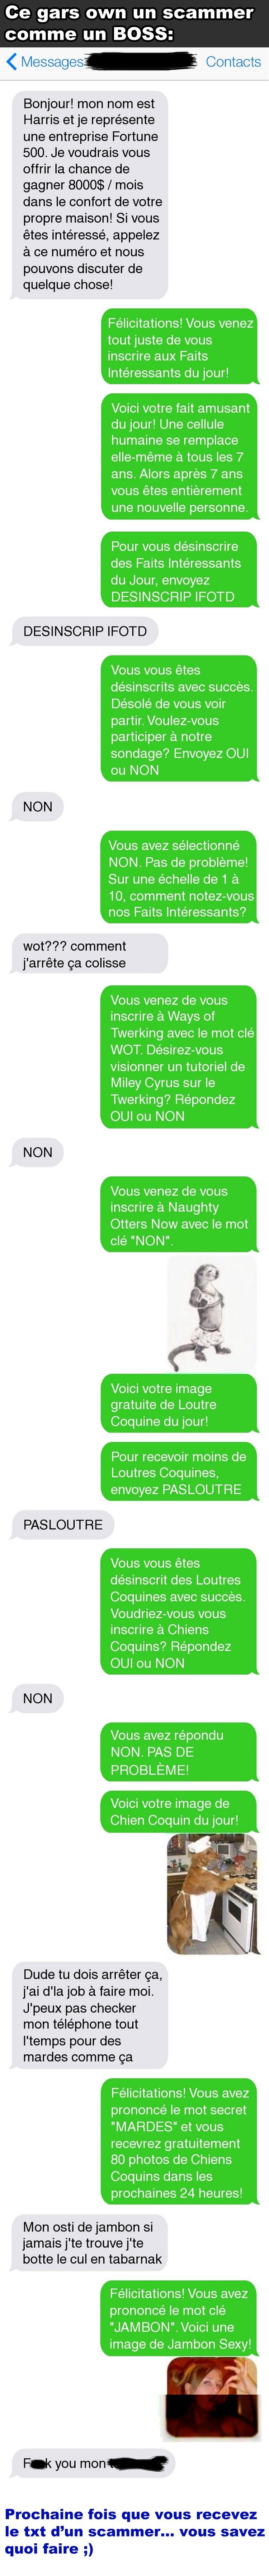 drole sms 1